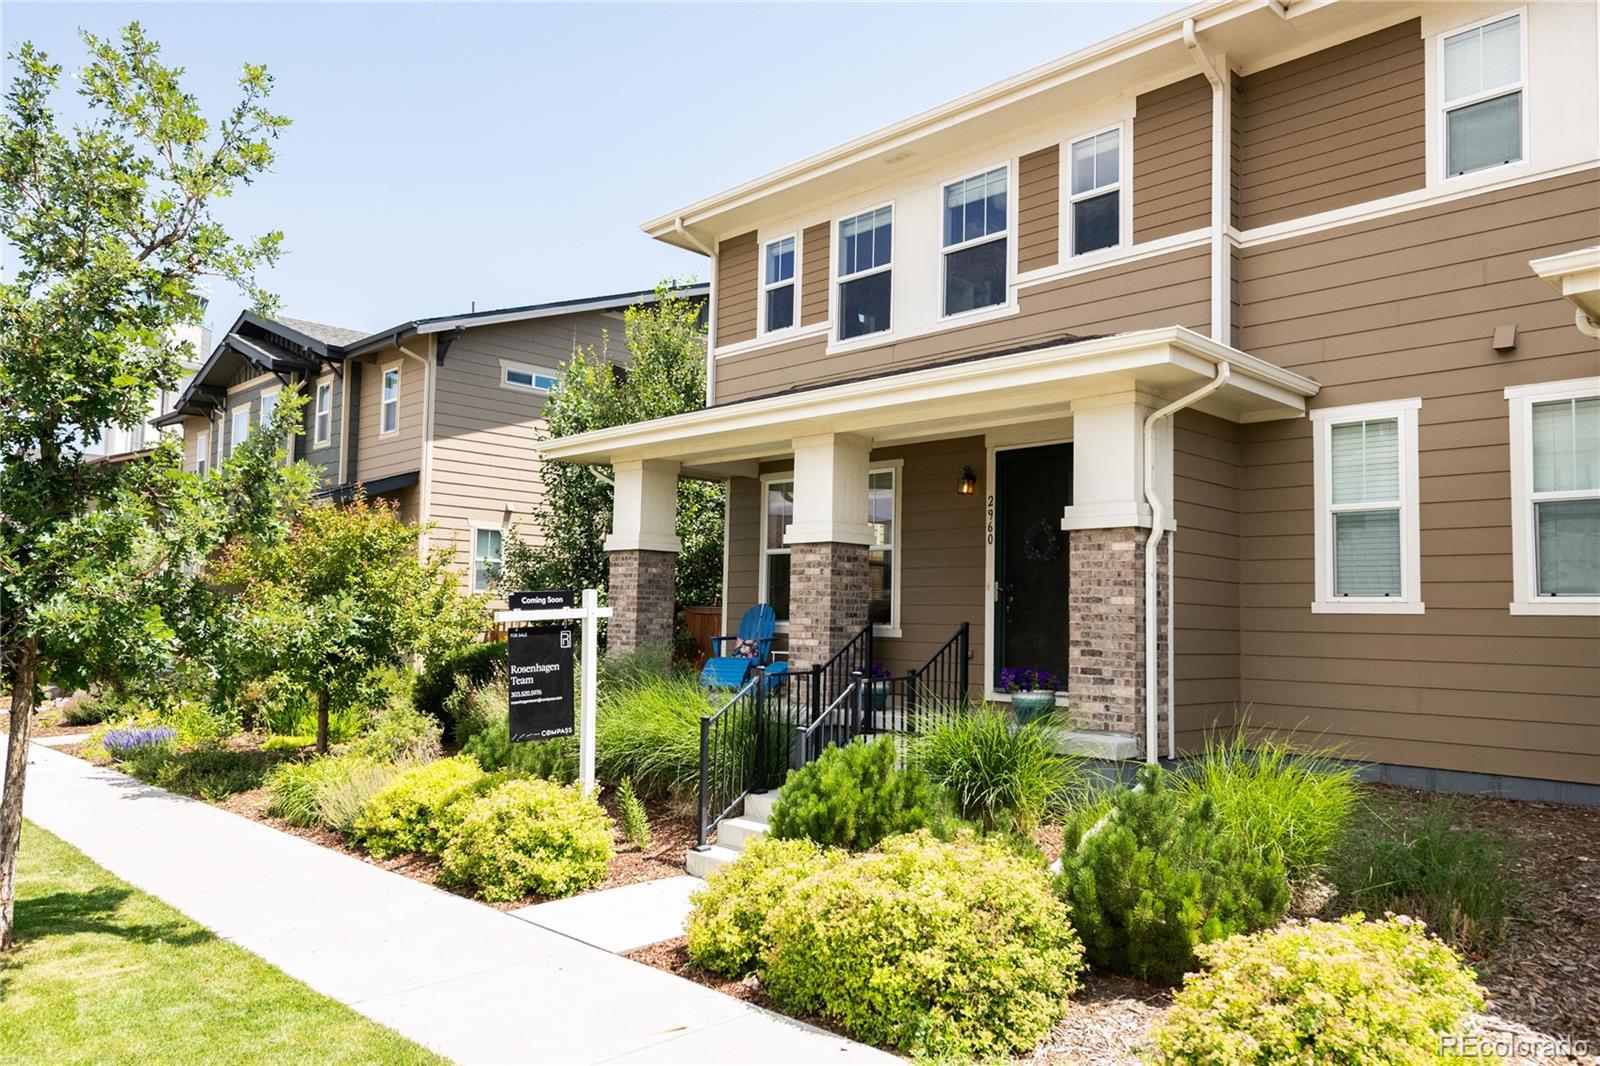 2960 Uinta Street Property Photo - Denver, CO real estate listing